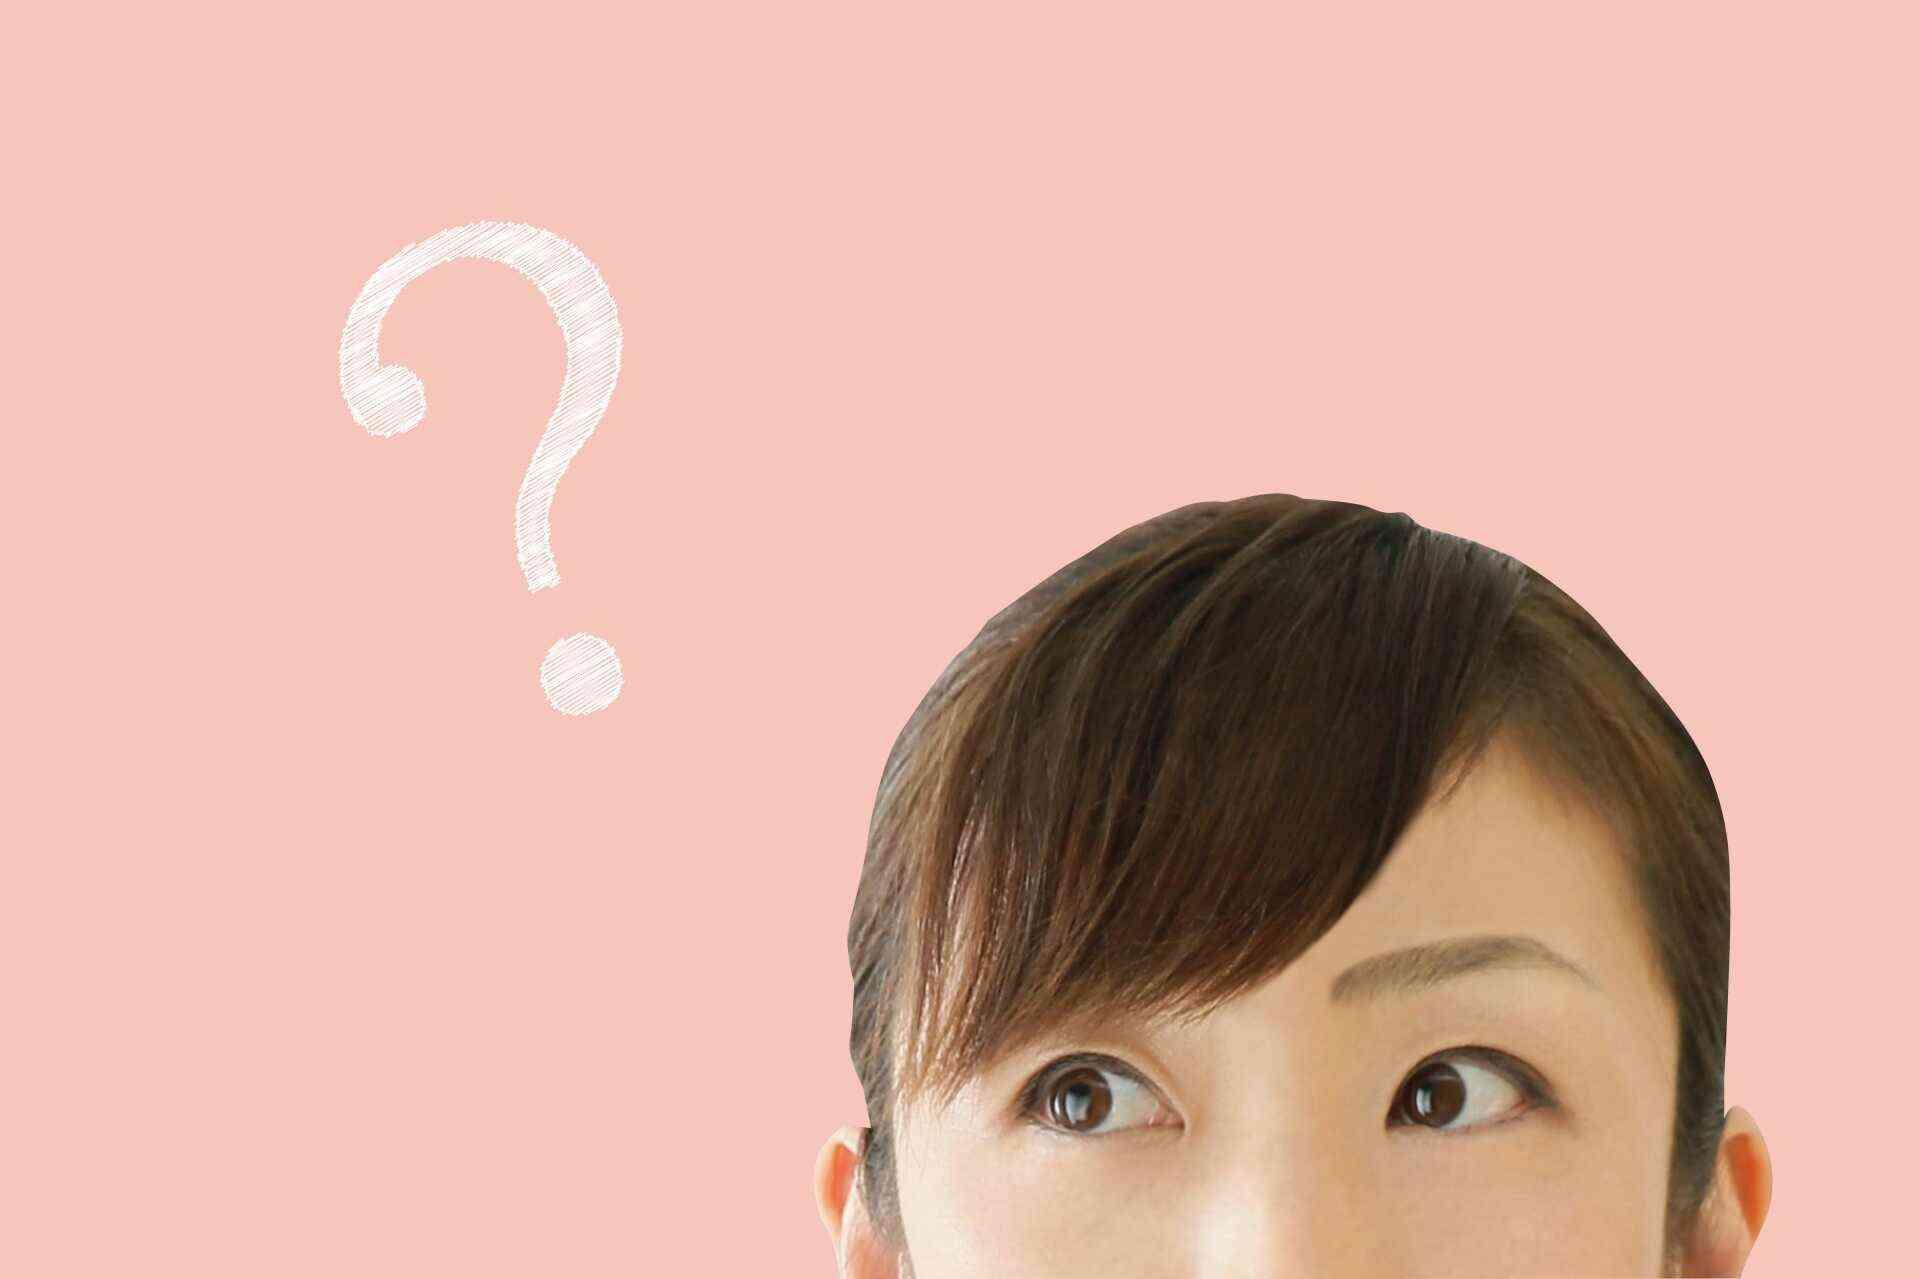 弱みを面接で質問される理由と見つけ方